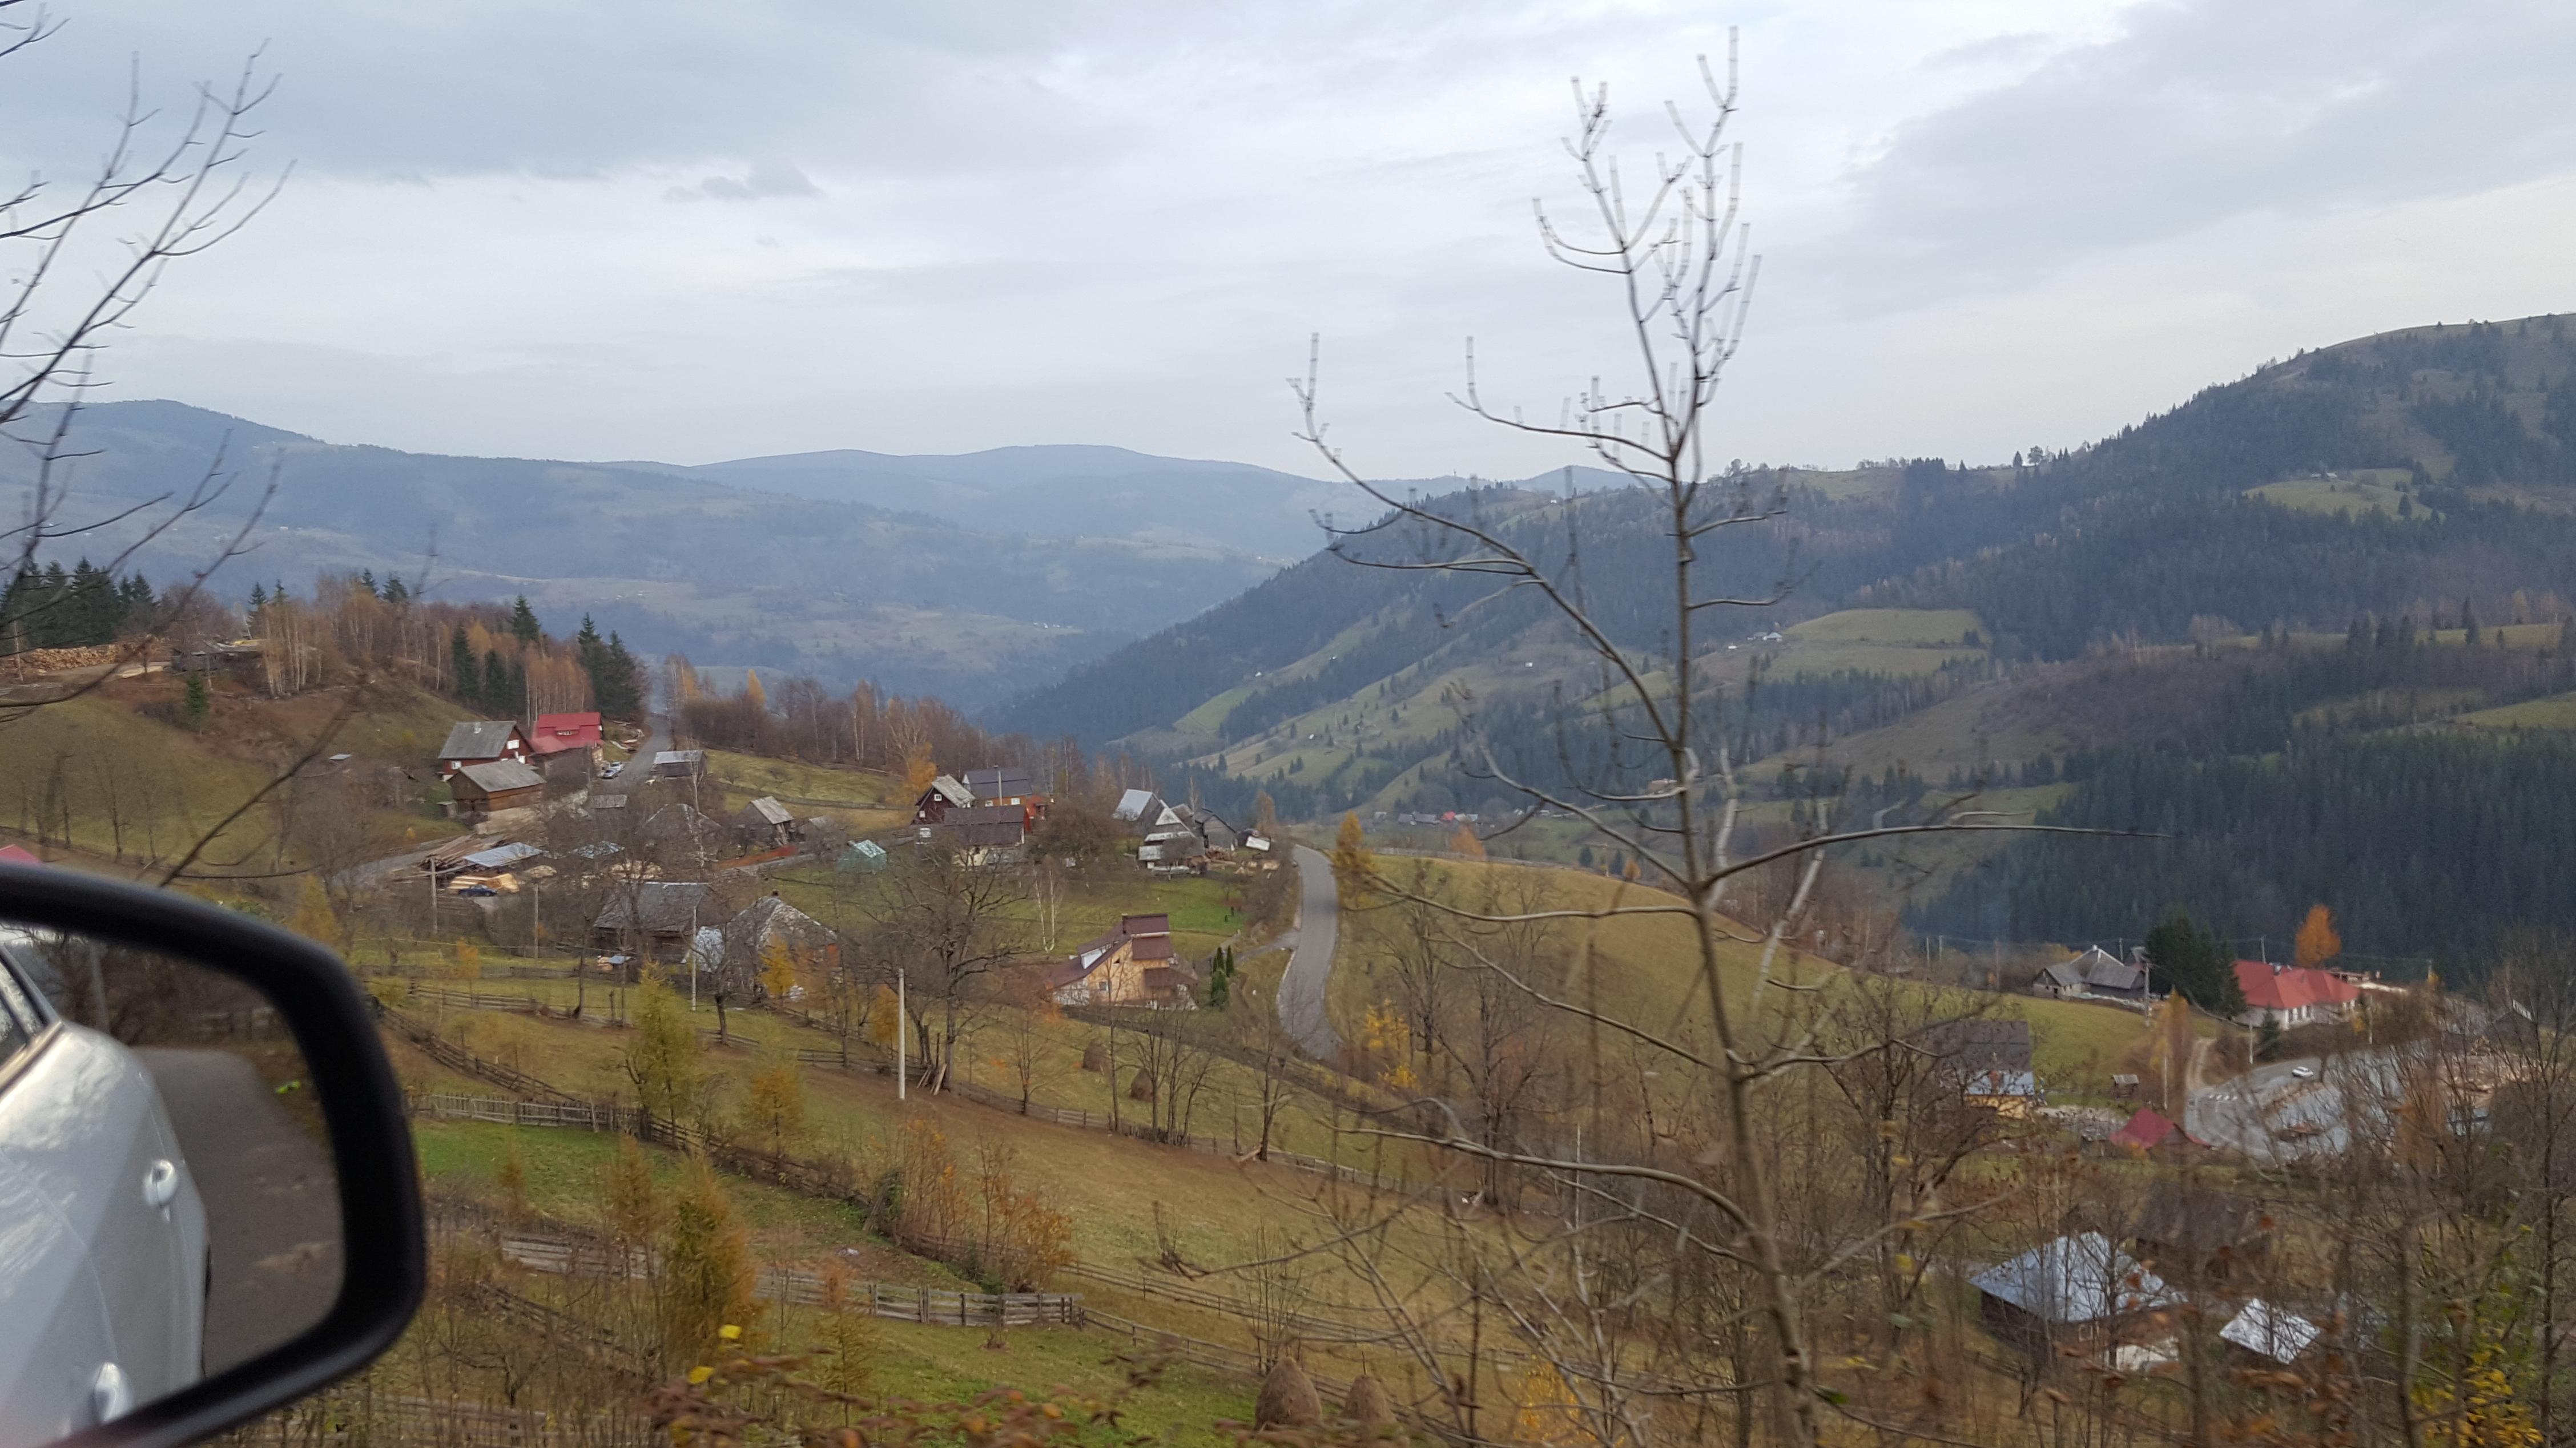 Ascent into the Carpathians